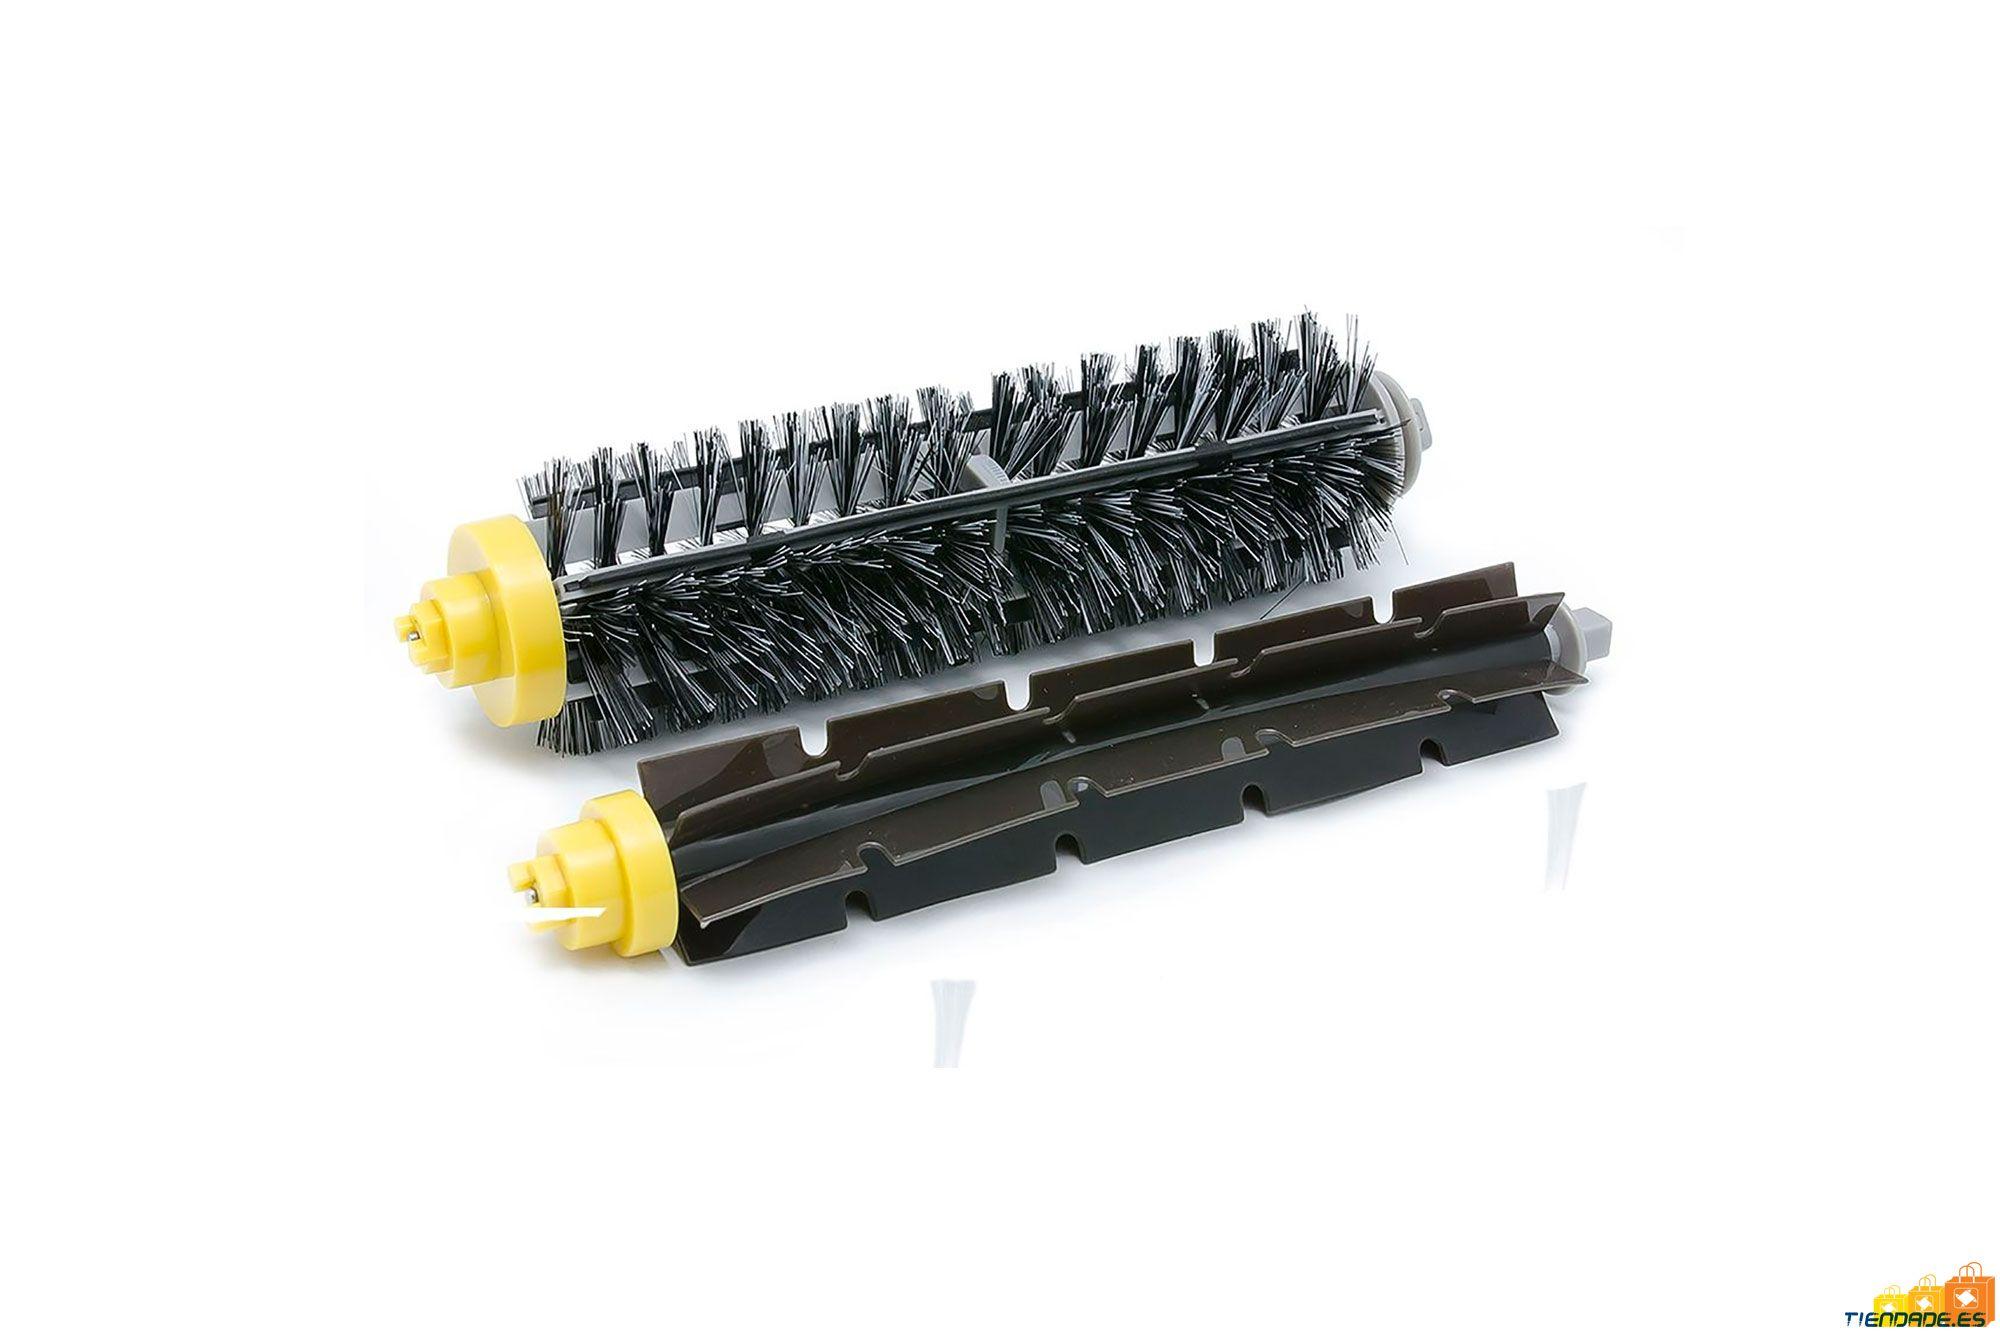 Kit de cepillos centrales para Roomba serie 600 y 700